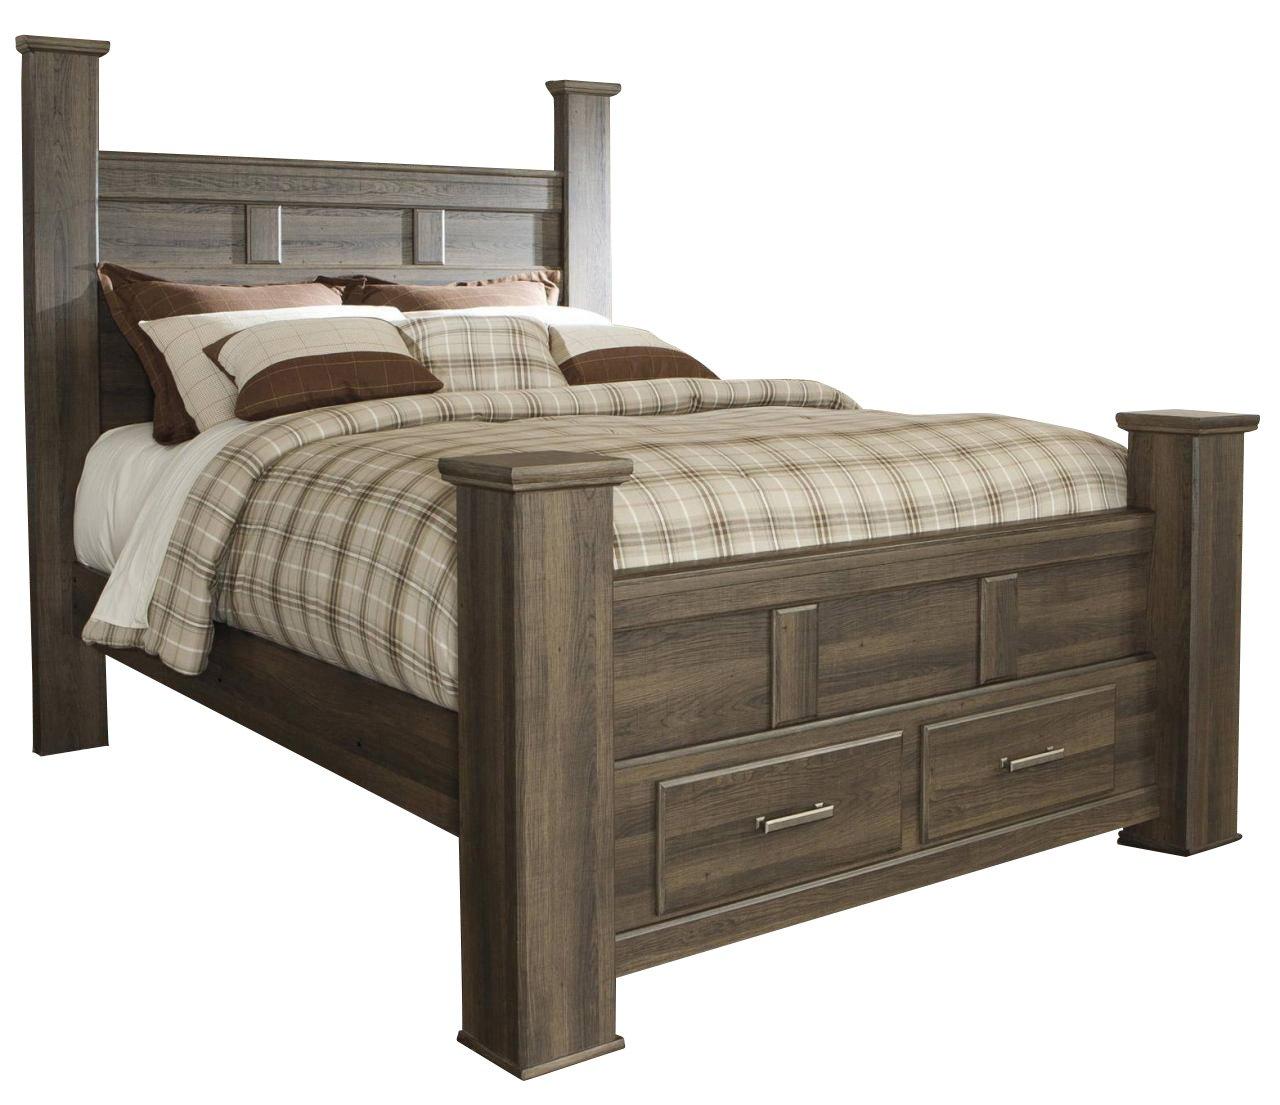 Savannah Bedroom Set White Bedroom Furniture Cream Izfurniture Savannah Storage Loft Bed With